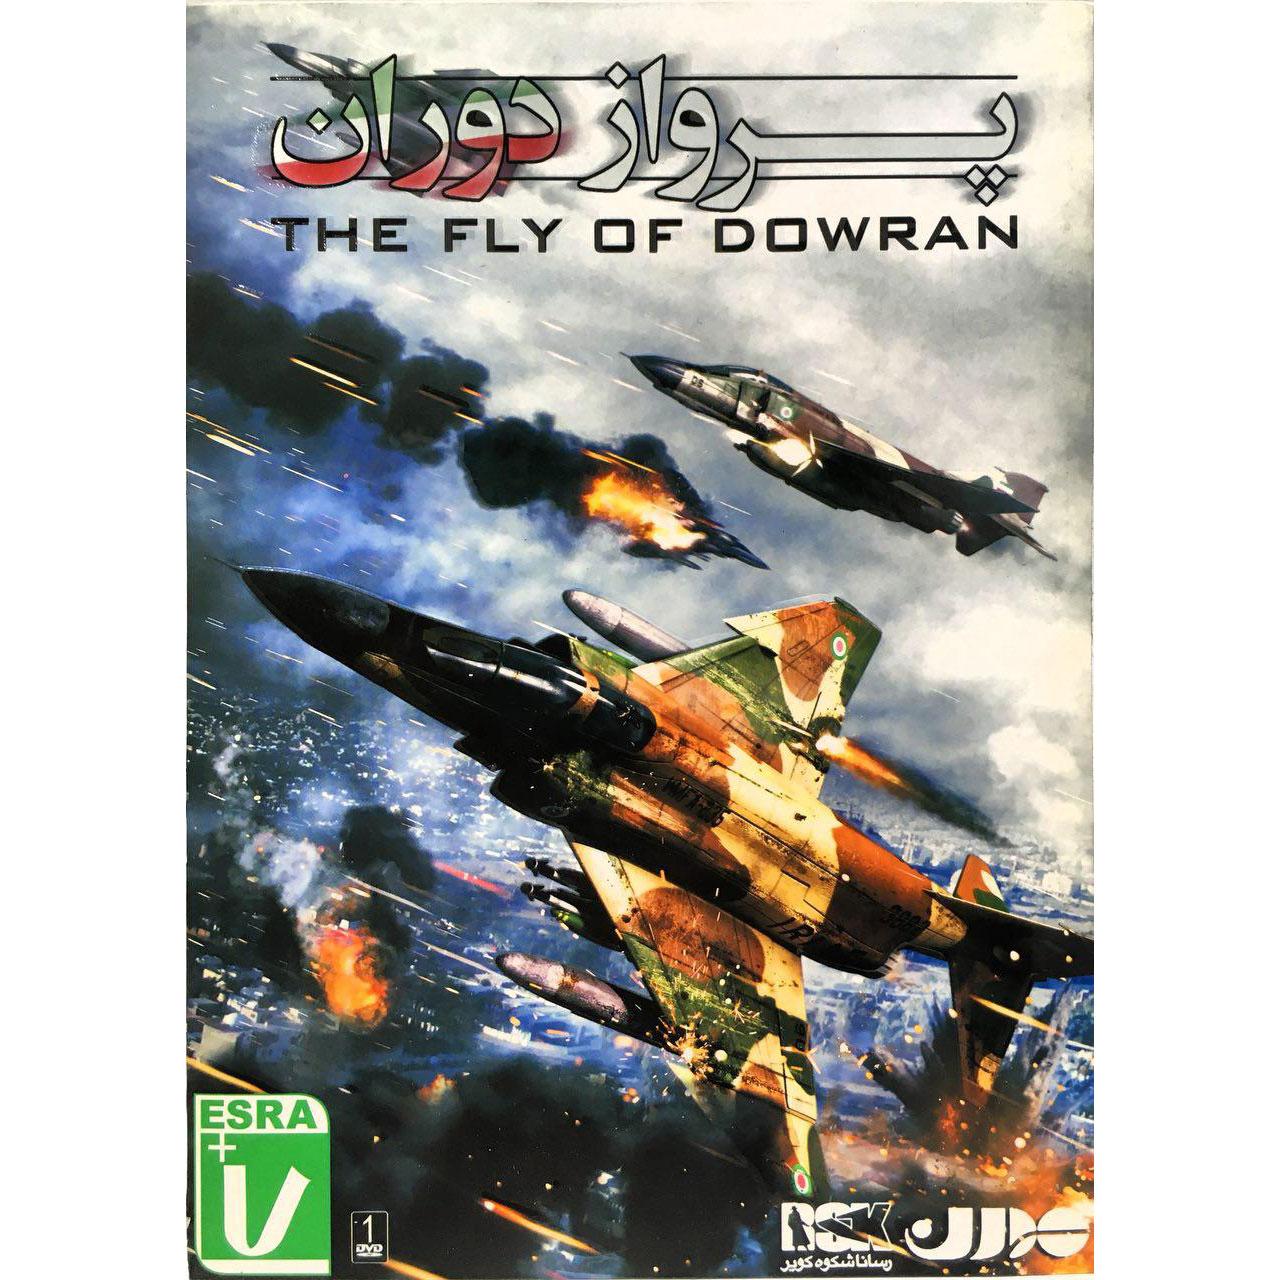 بازی THE FLY OF DOWRAN مخصوص کامپیوتر